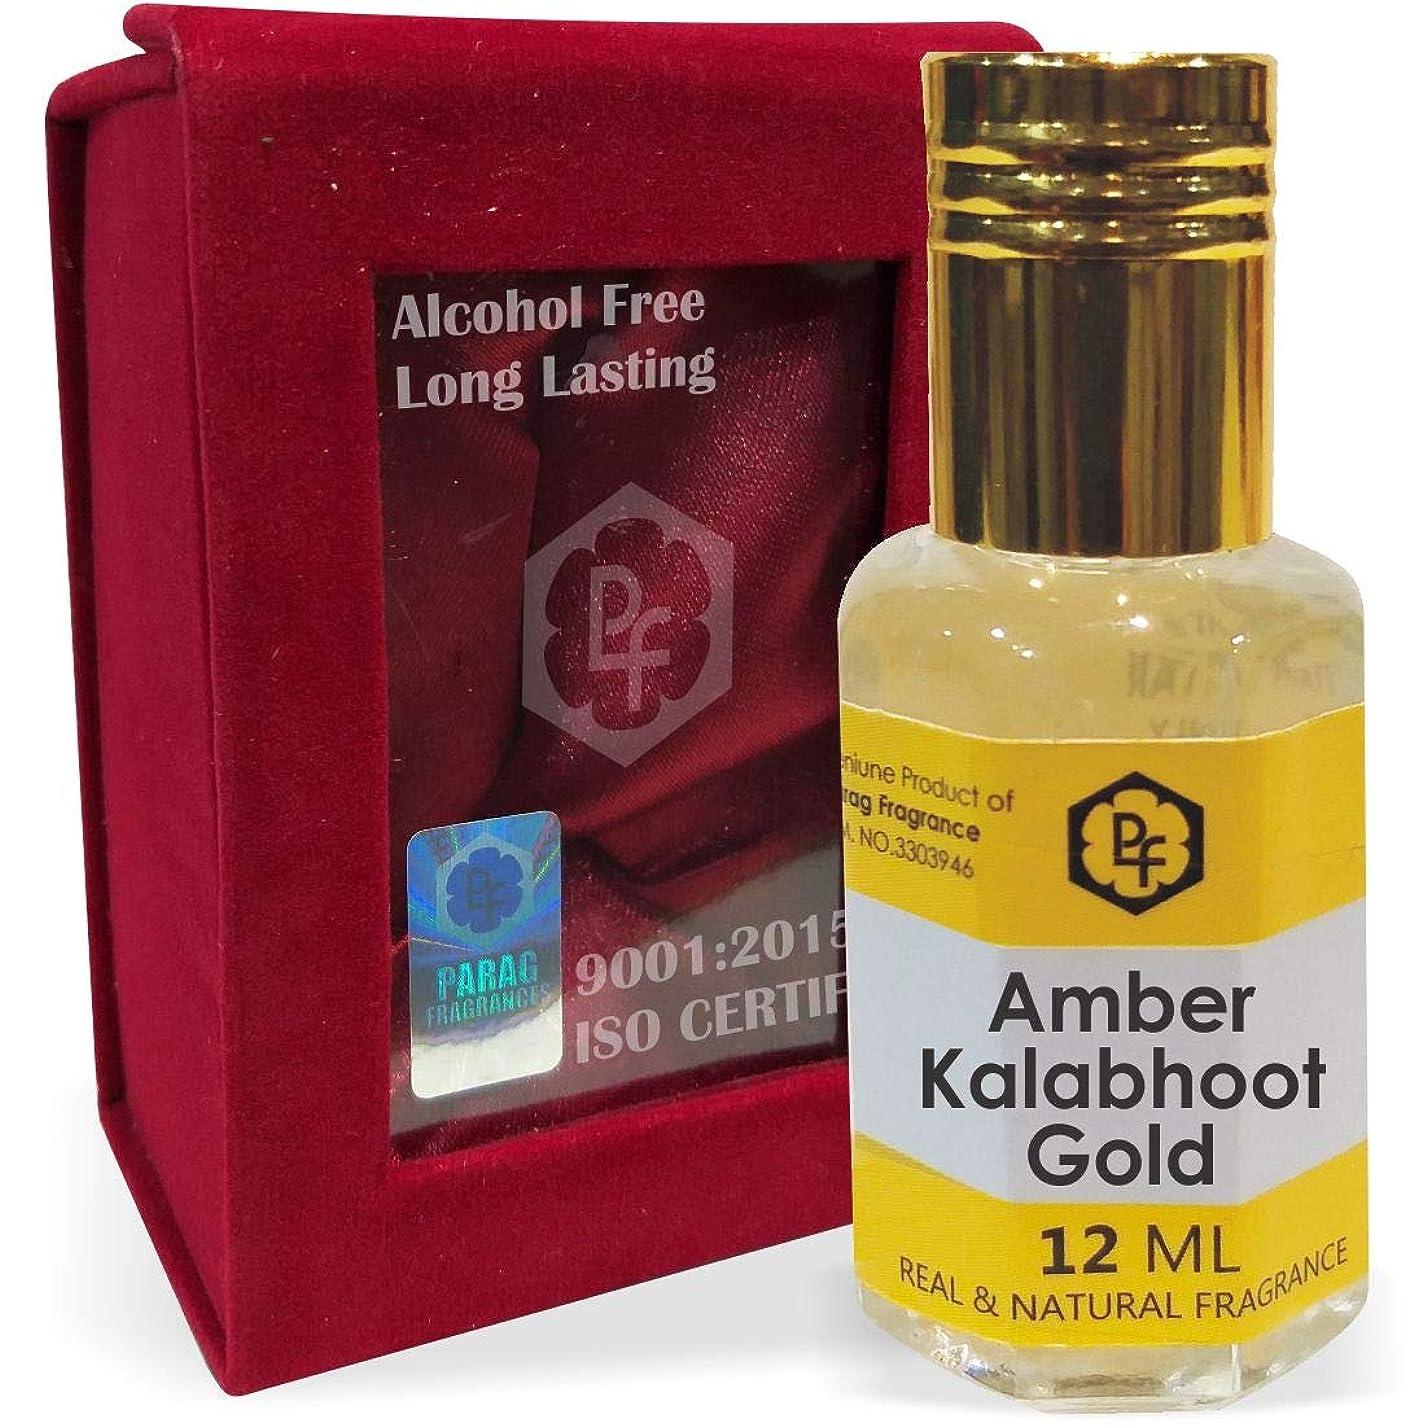 荒廃する母性ライブ手作りのベルベットボックスParagフレグランスアンバーKalabhootゴールド12ミリリットルアター/香油/(インドの伝統的なBhapka処理方法により、インド製)フレグランスオイル アターITRA最高の品質長持ち